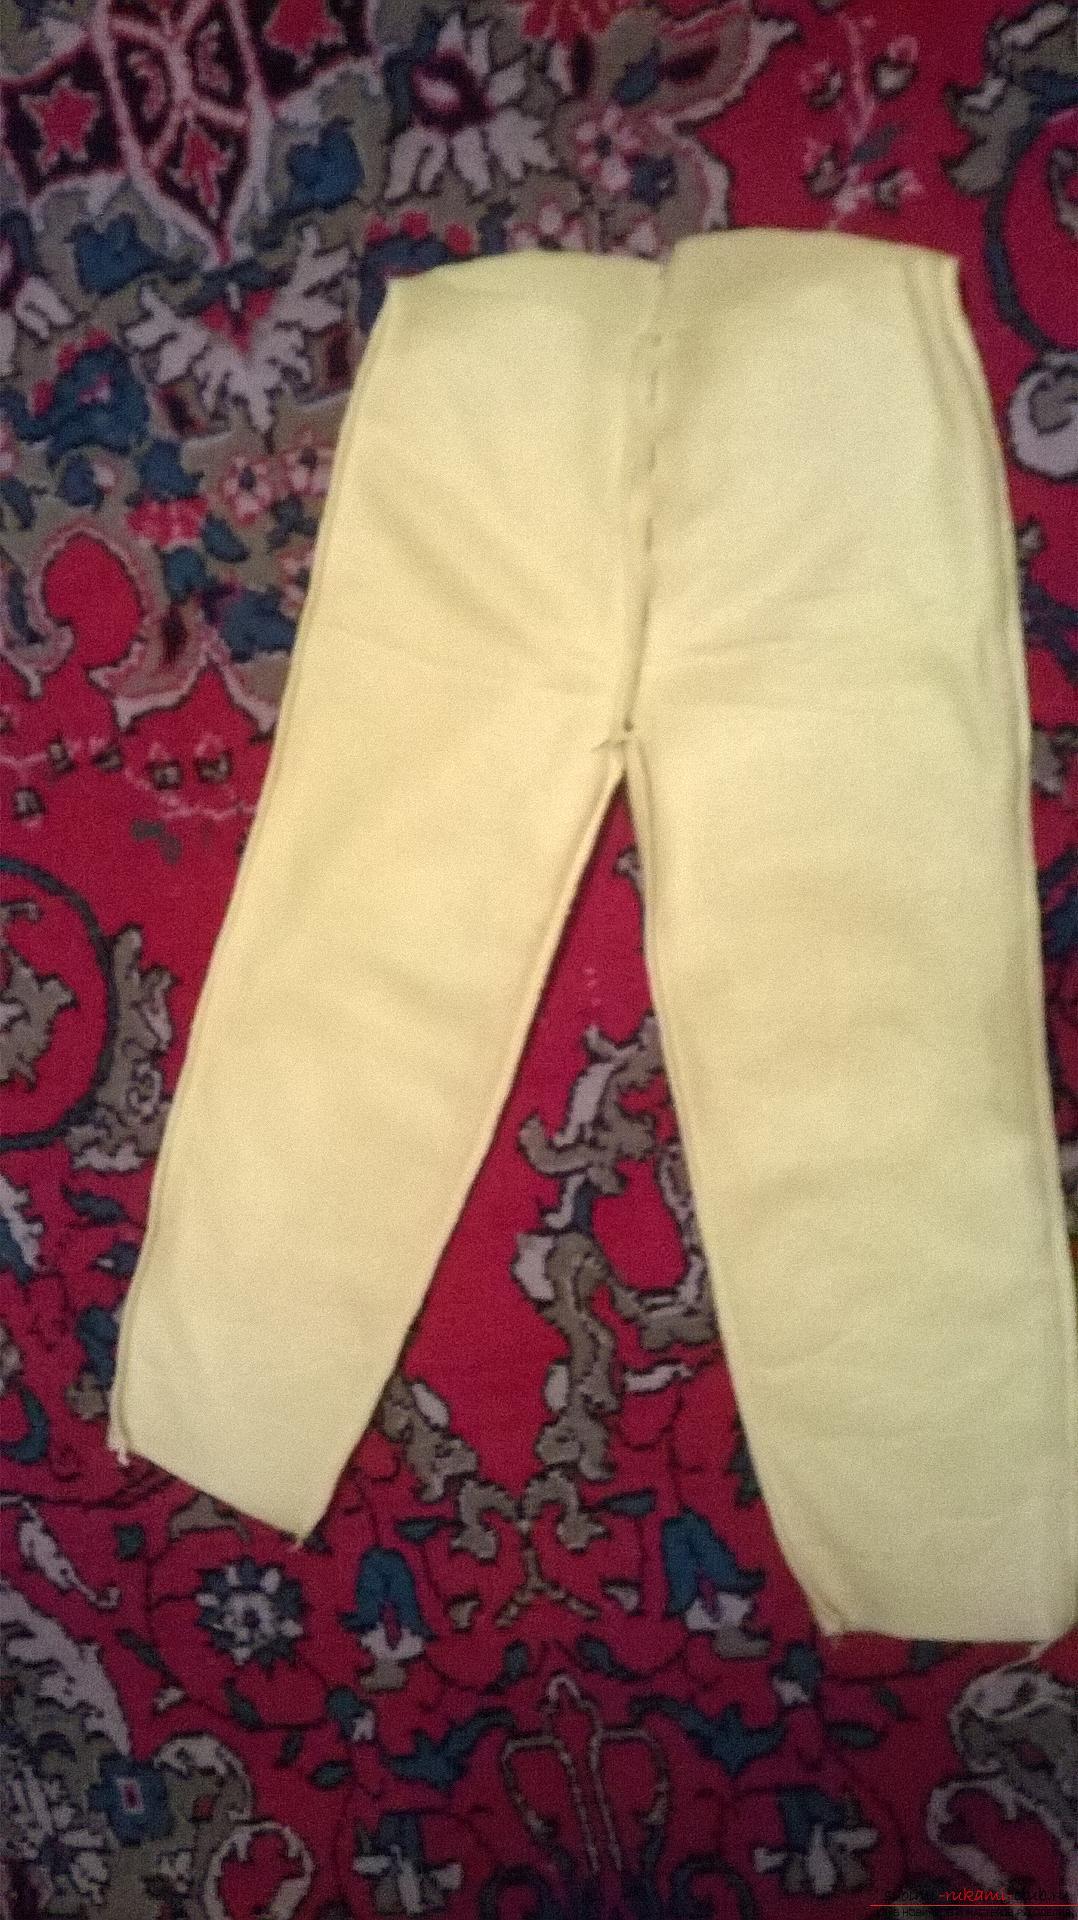 Подробный мастер-класс научит как сшить штаны для ребенка своими руками быстро и просто, без выкройки.. Фото №6